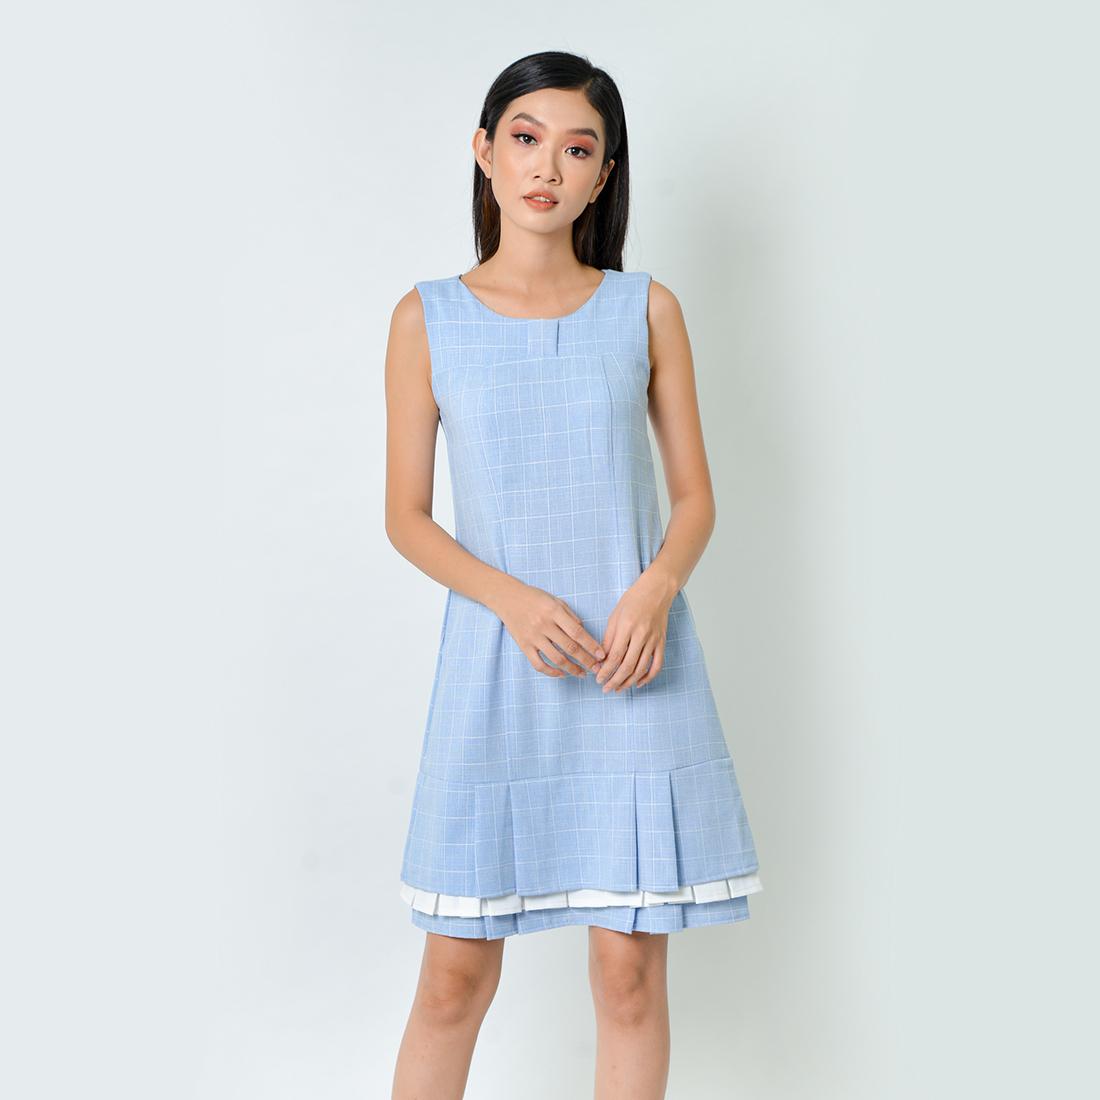 Đầm Suông Thời Trang Eden Caro Xếp Li - D362